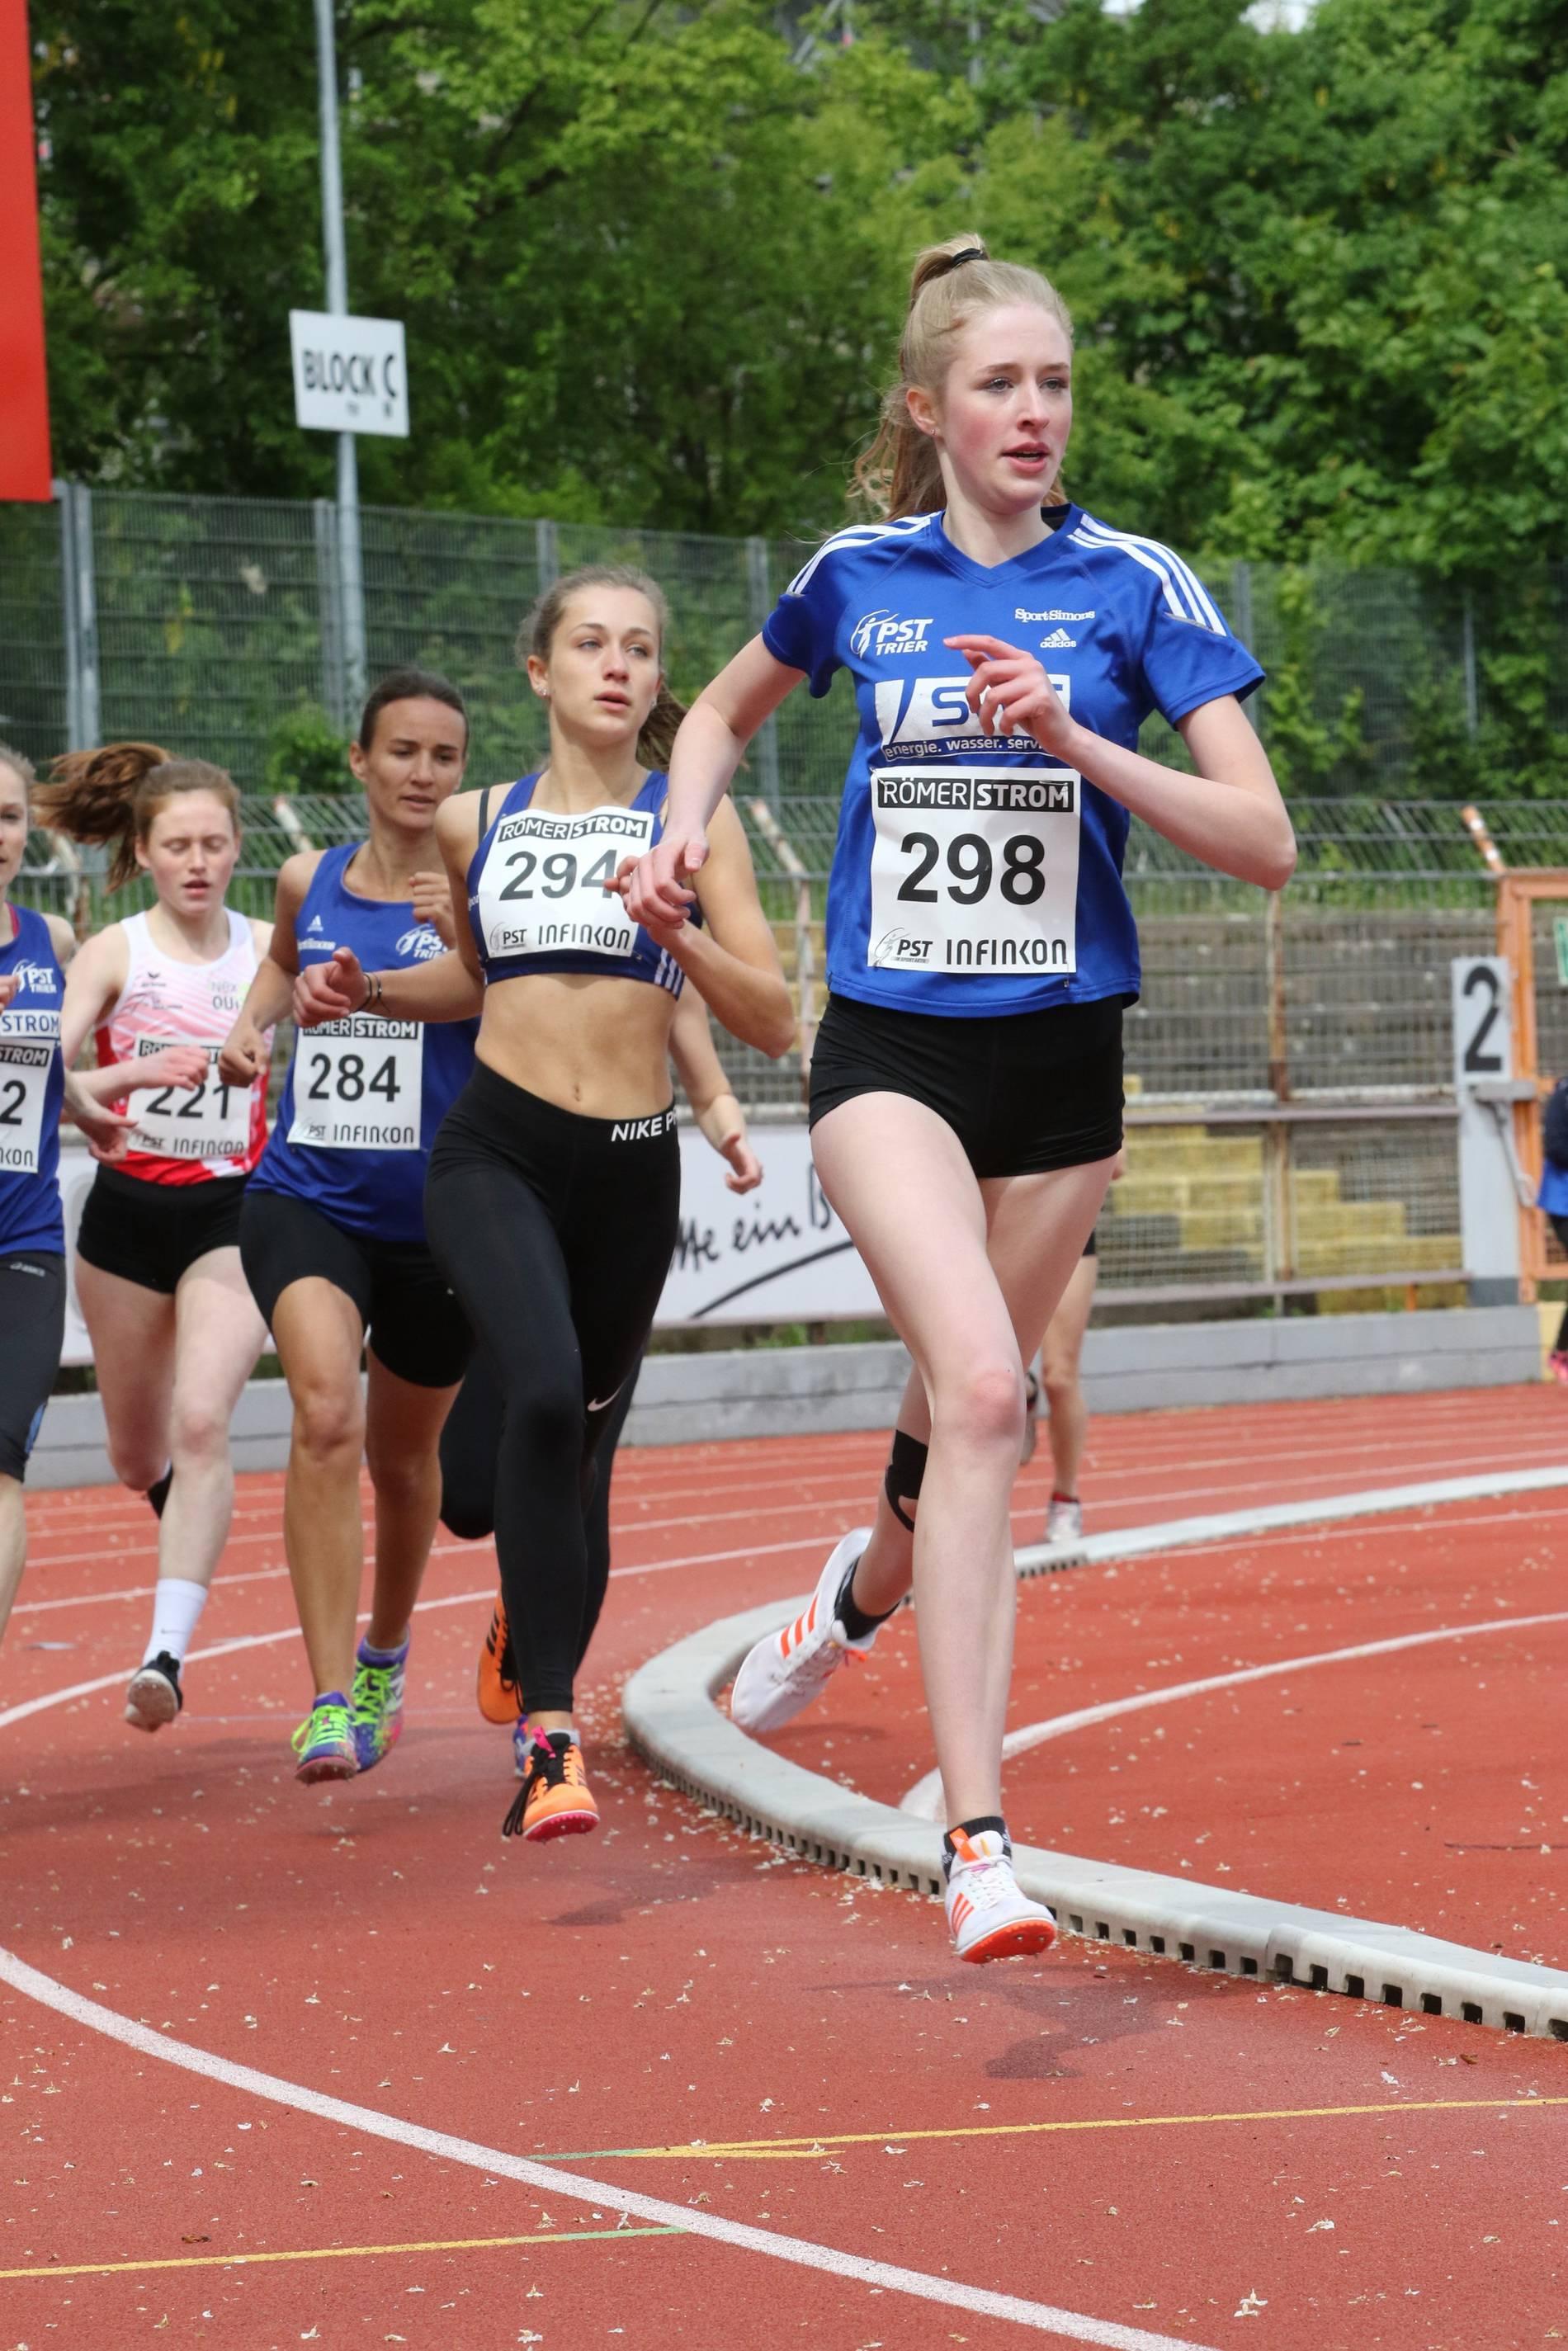 Sportverein Trier